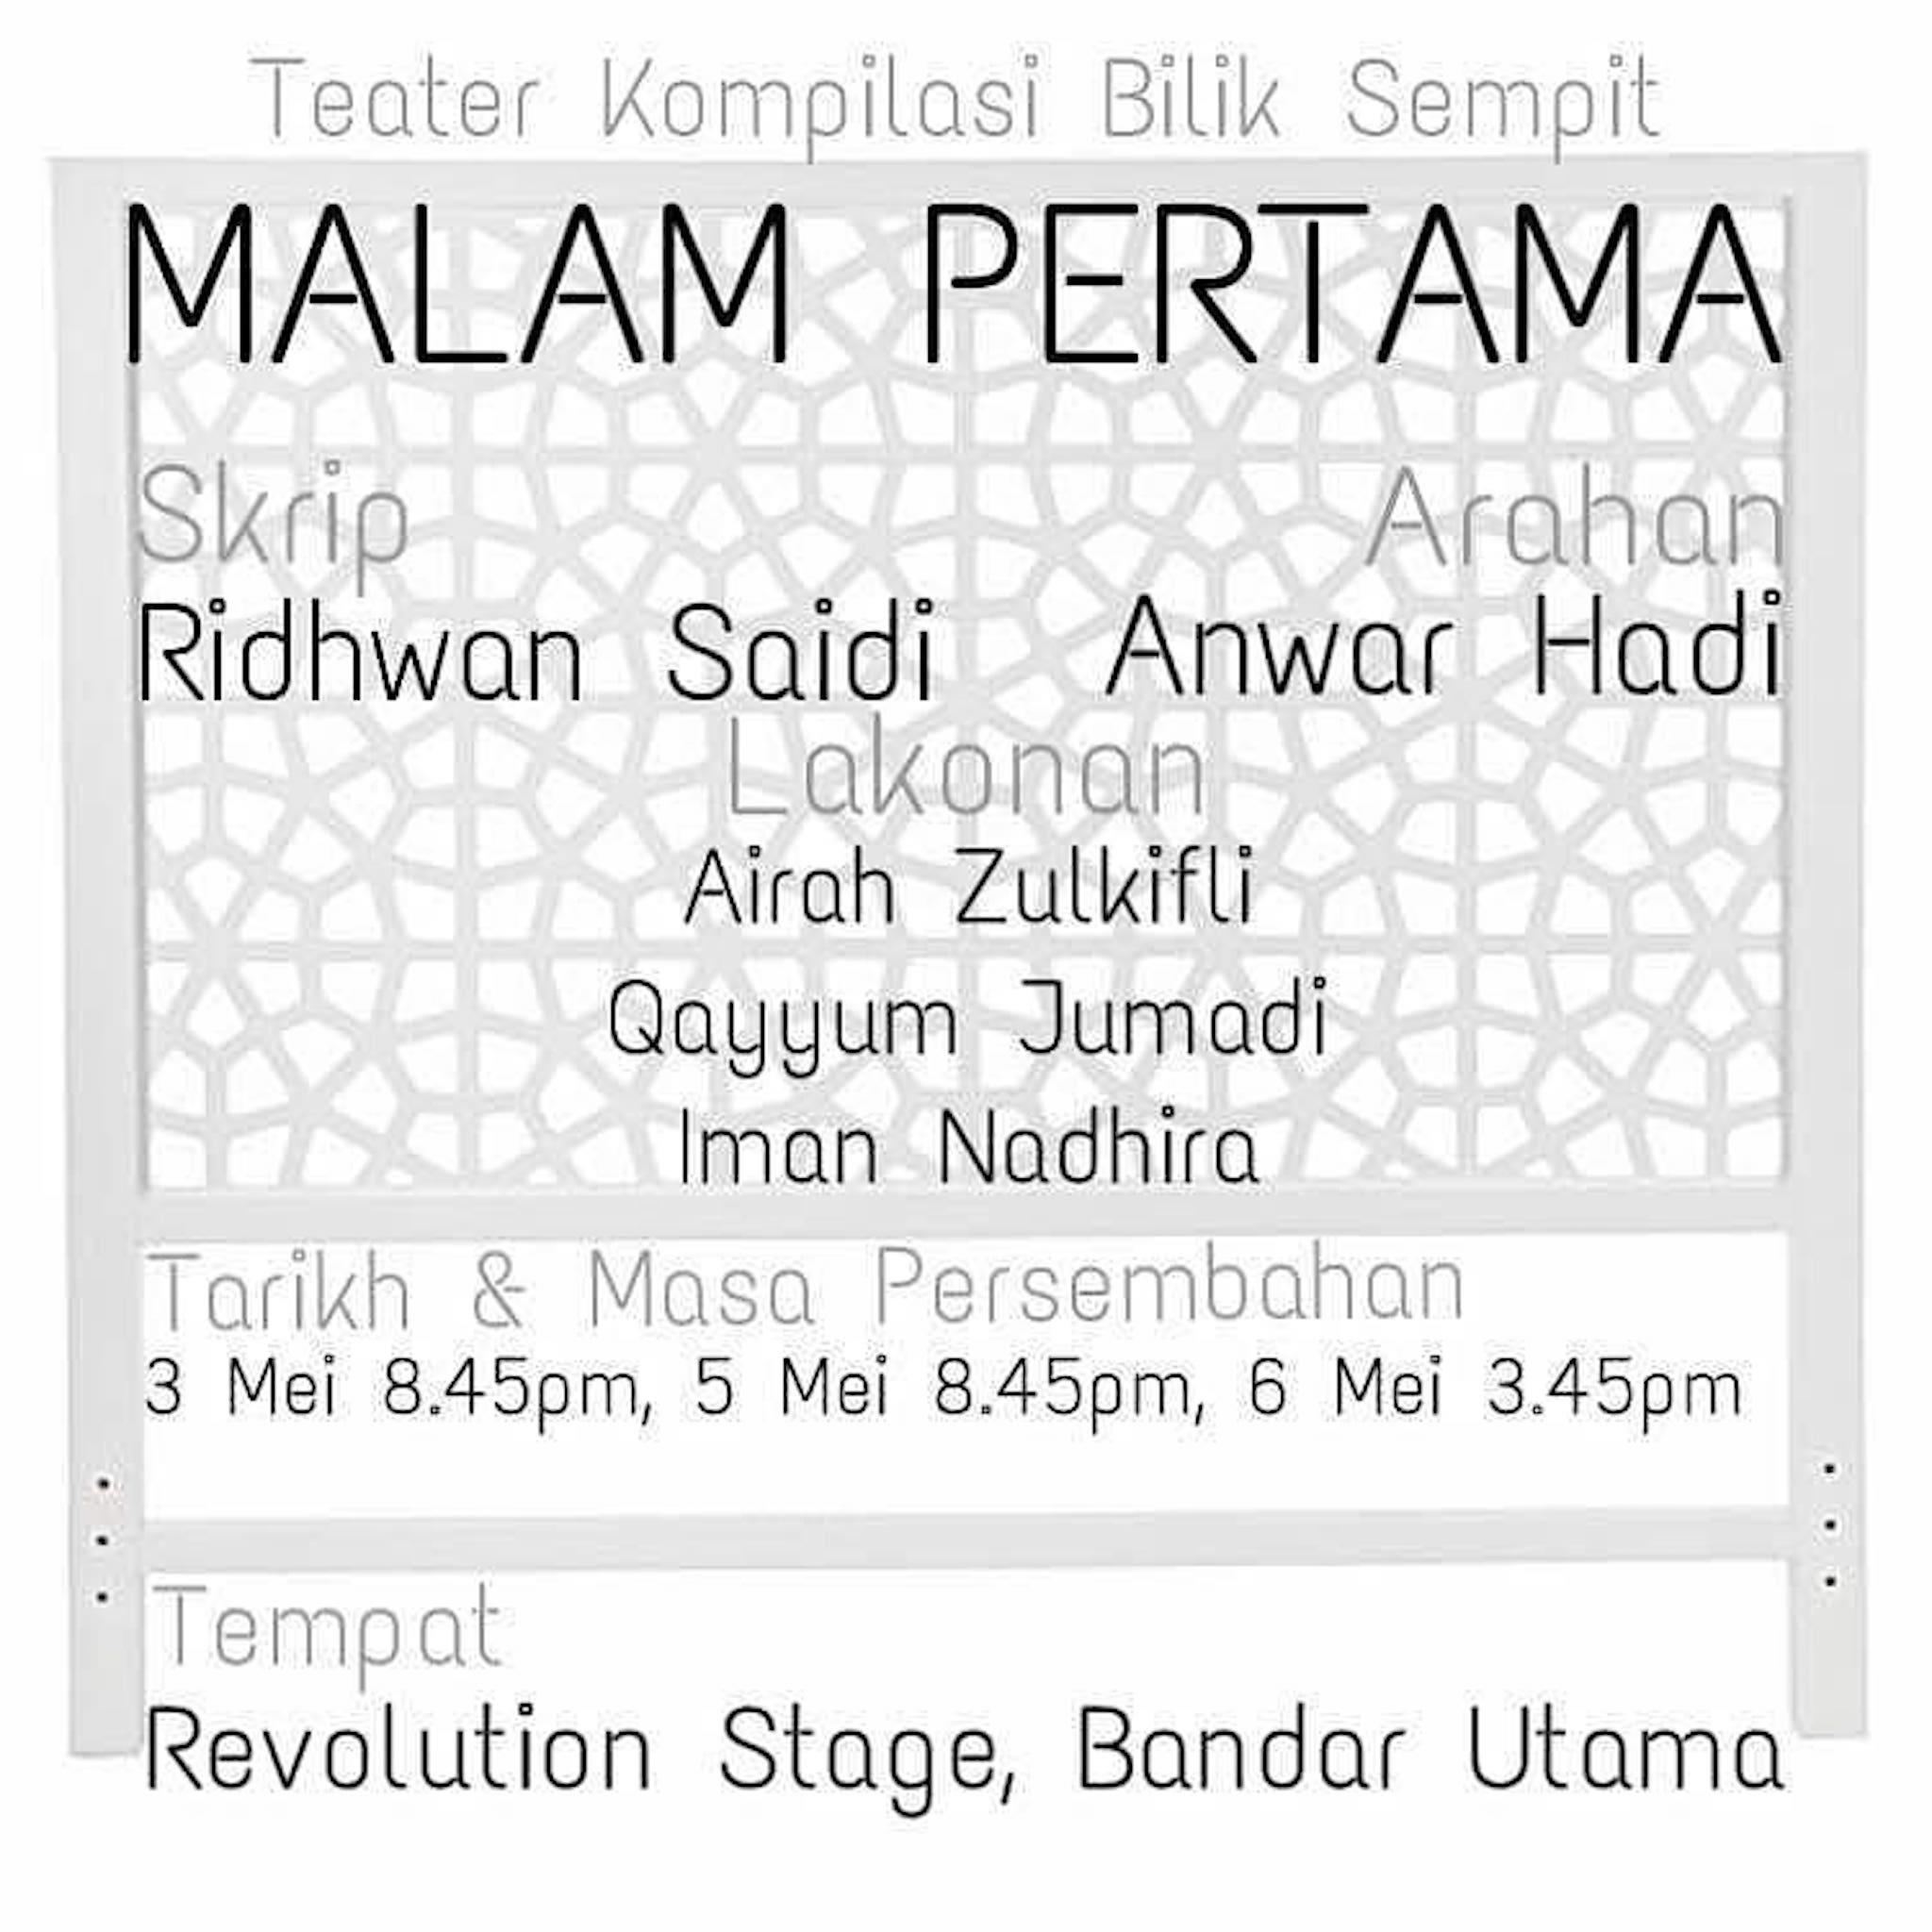 2018 Teater Kompilasi Bilik Sempit Malam Pertama cover